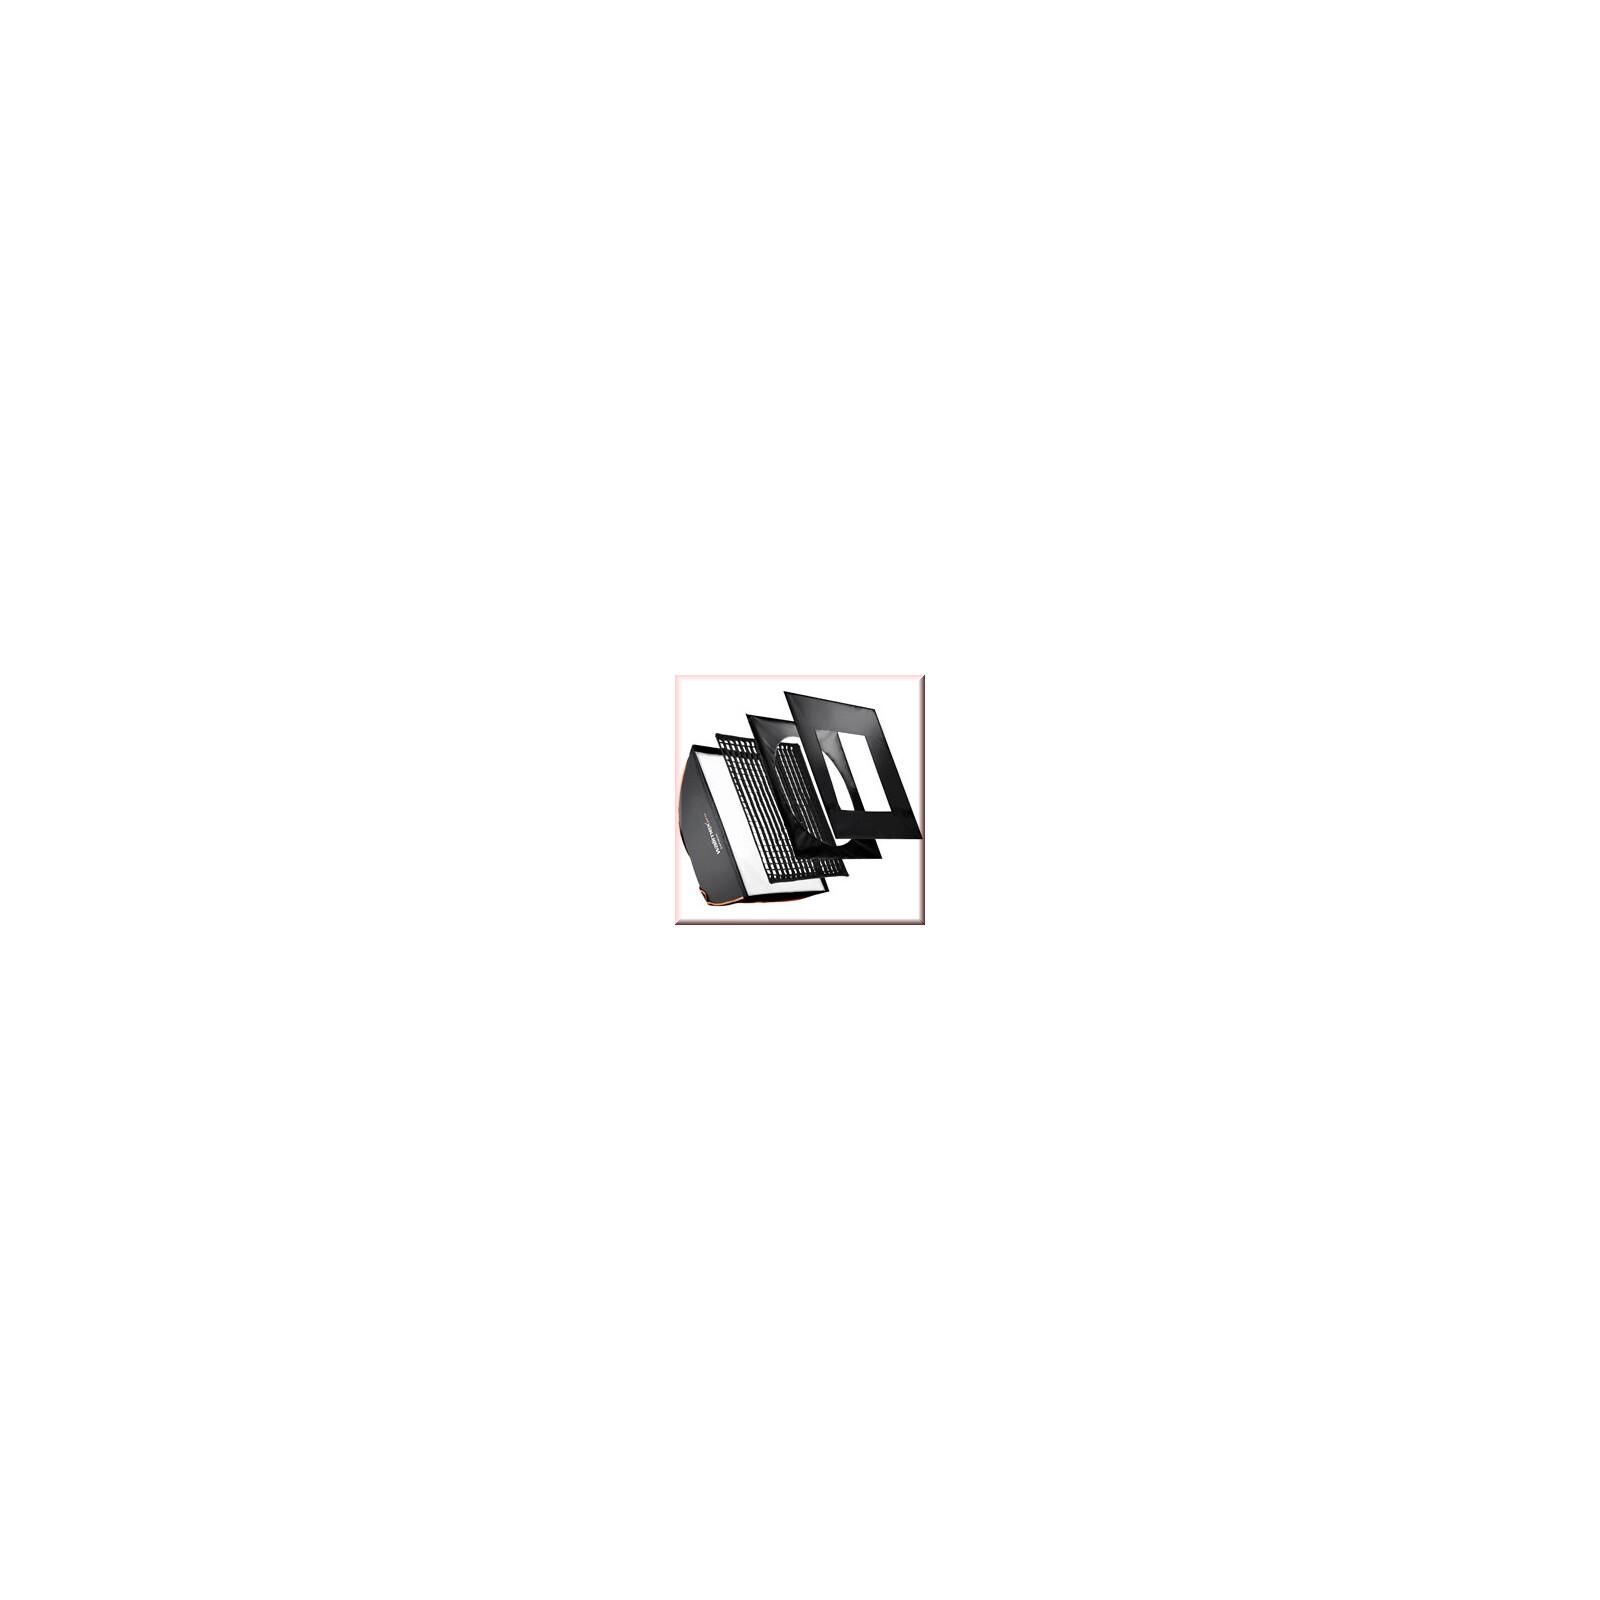 walimex pro Softbox PLUS OL 60x60cm Multiblitz V